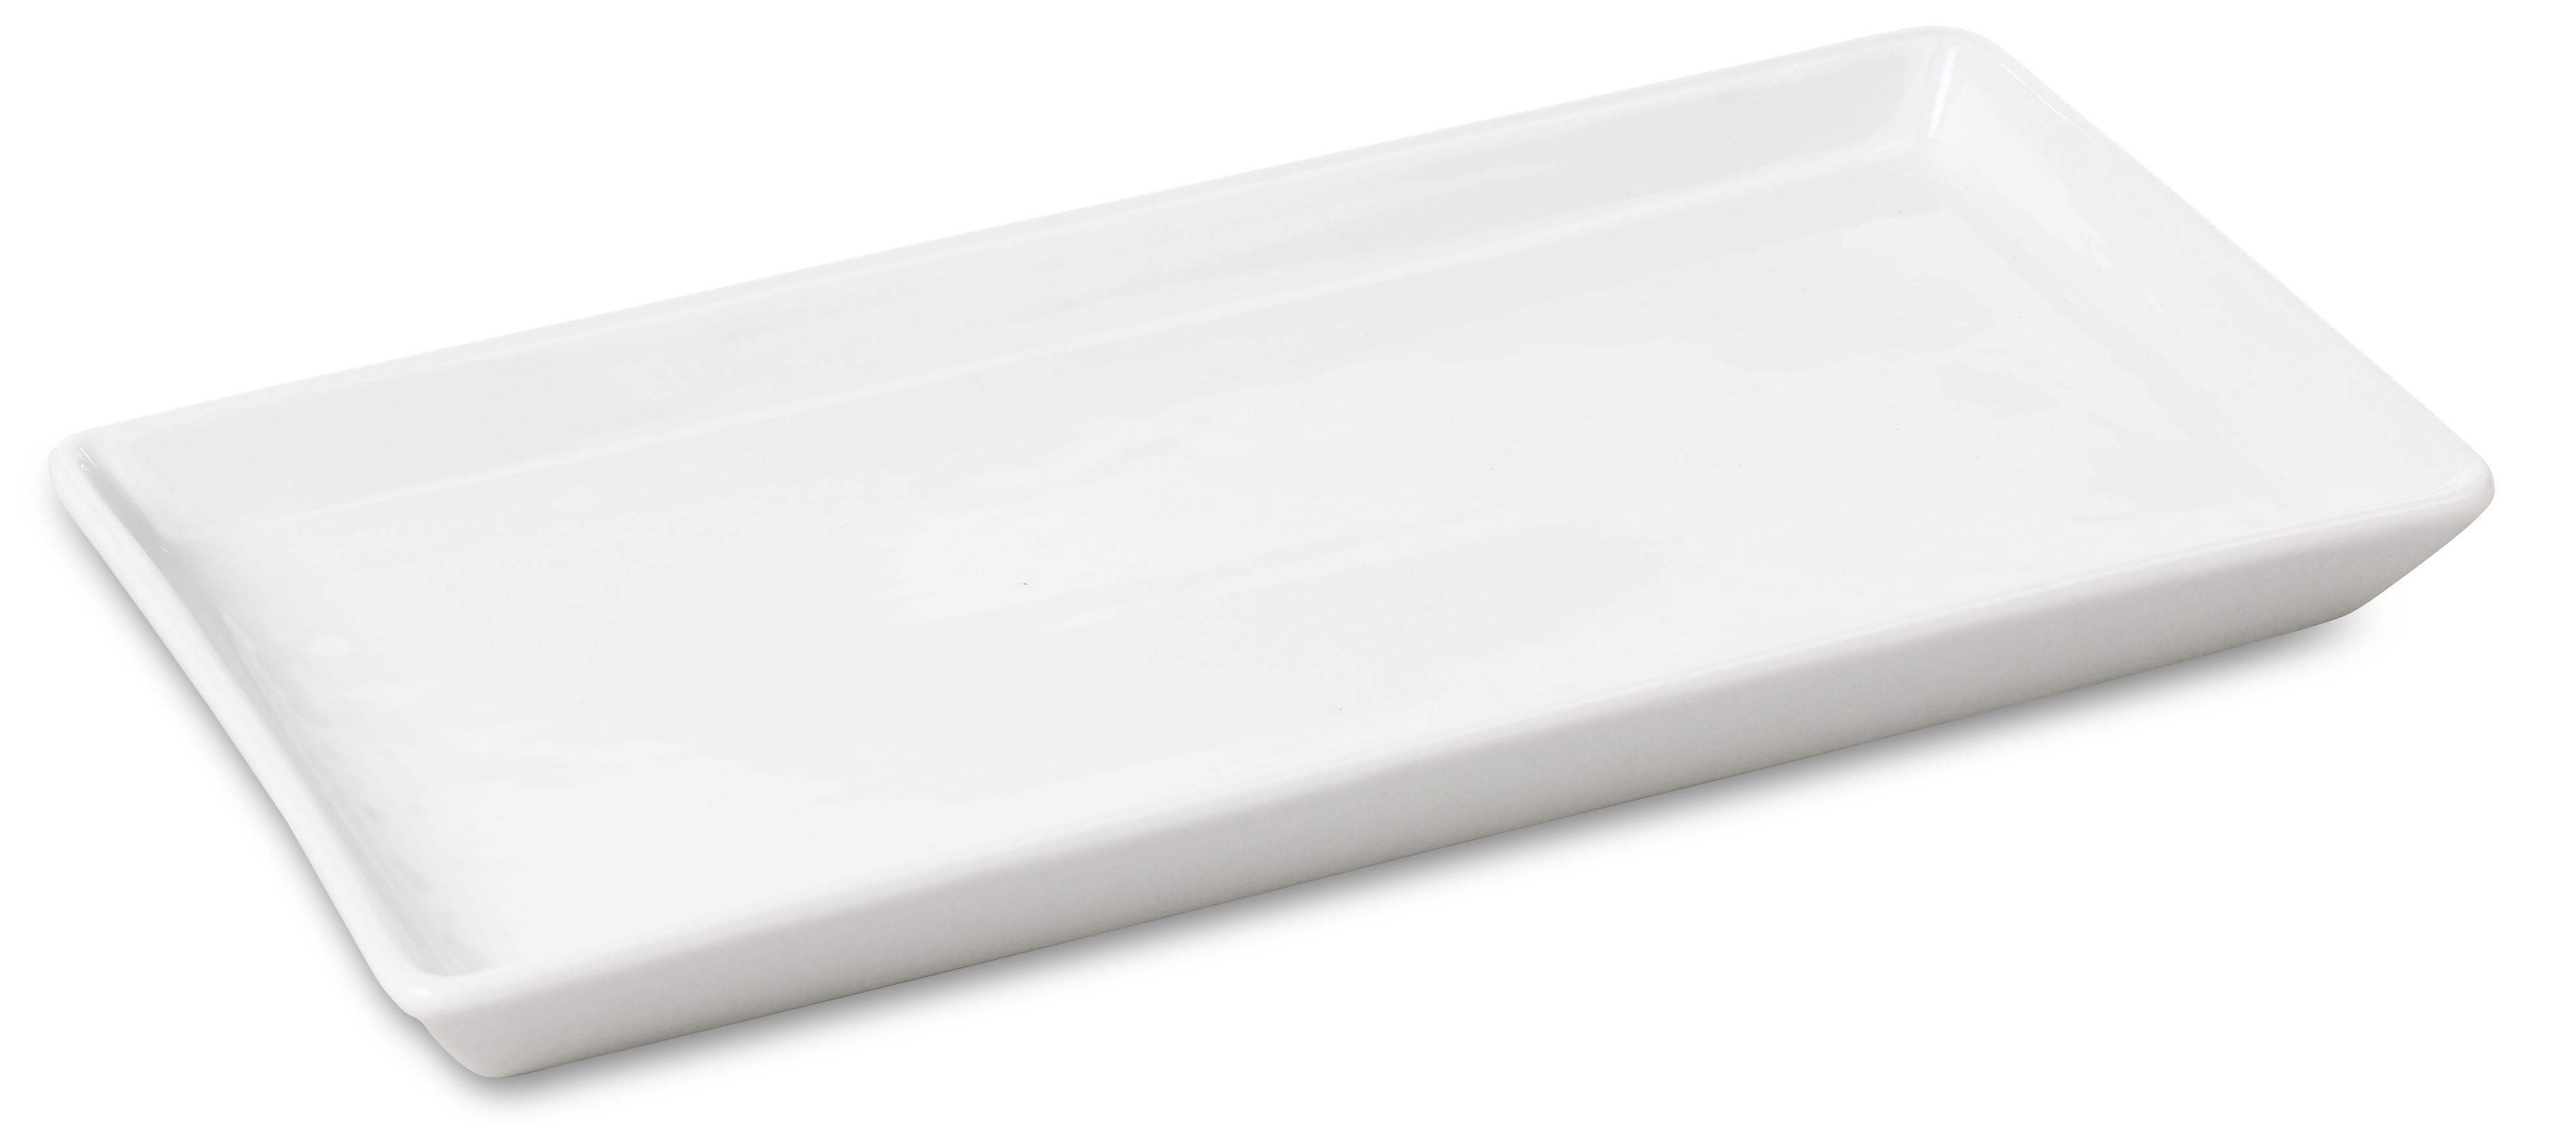 Rektangulärt porslinsfat/tallrik 30 x 15 cm Vitt